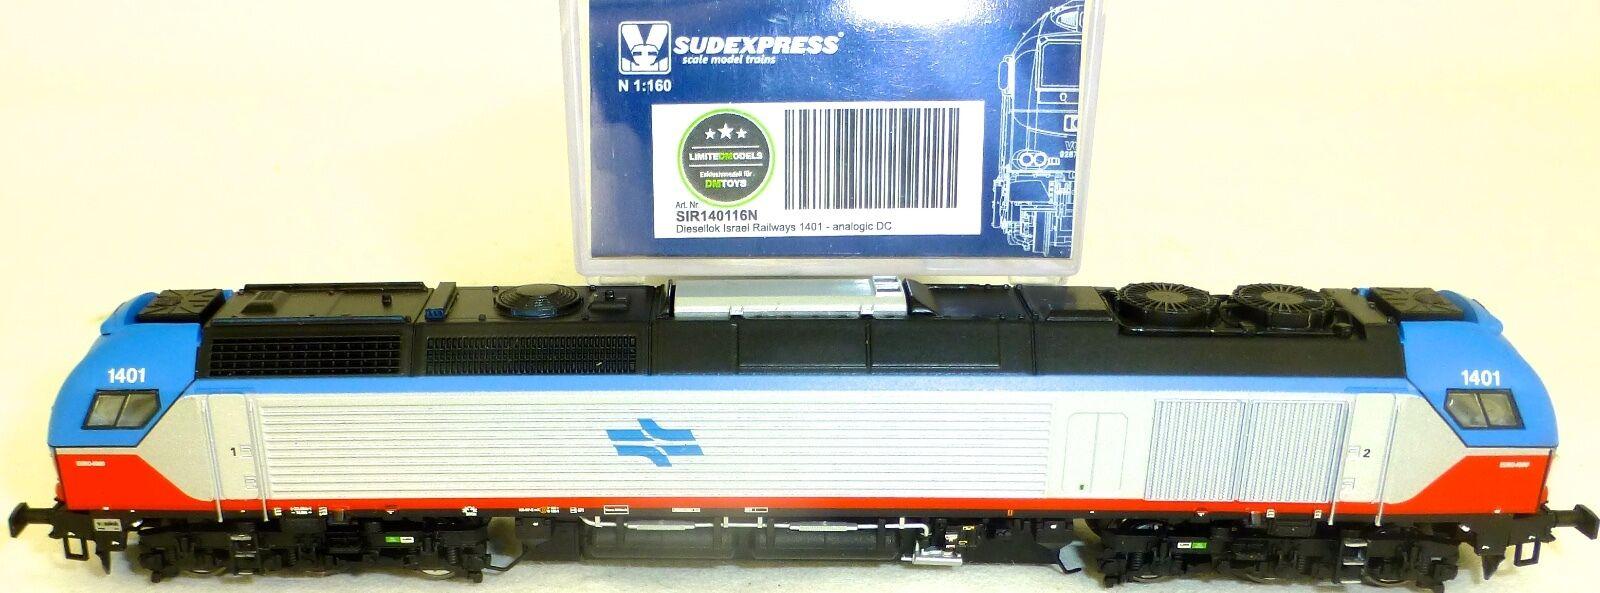 Israël 1401 Railways Locomotive diesel analogue SIR140116 N 1 160 å